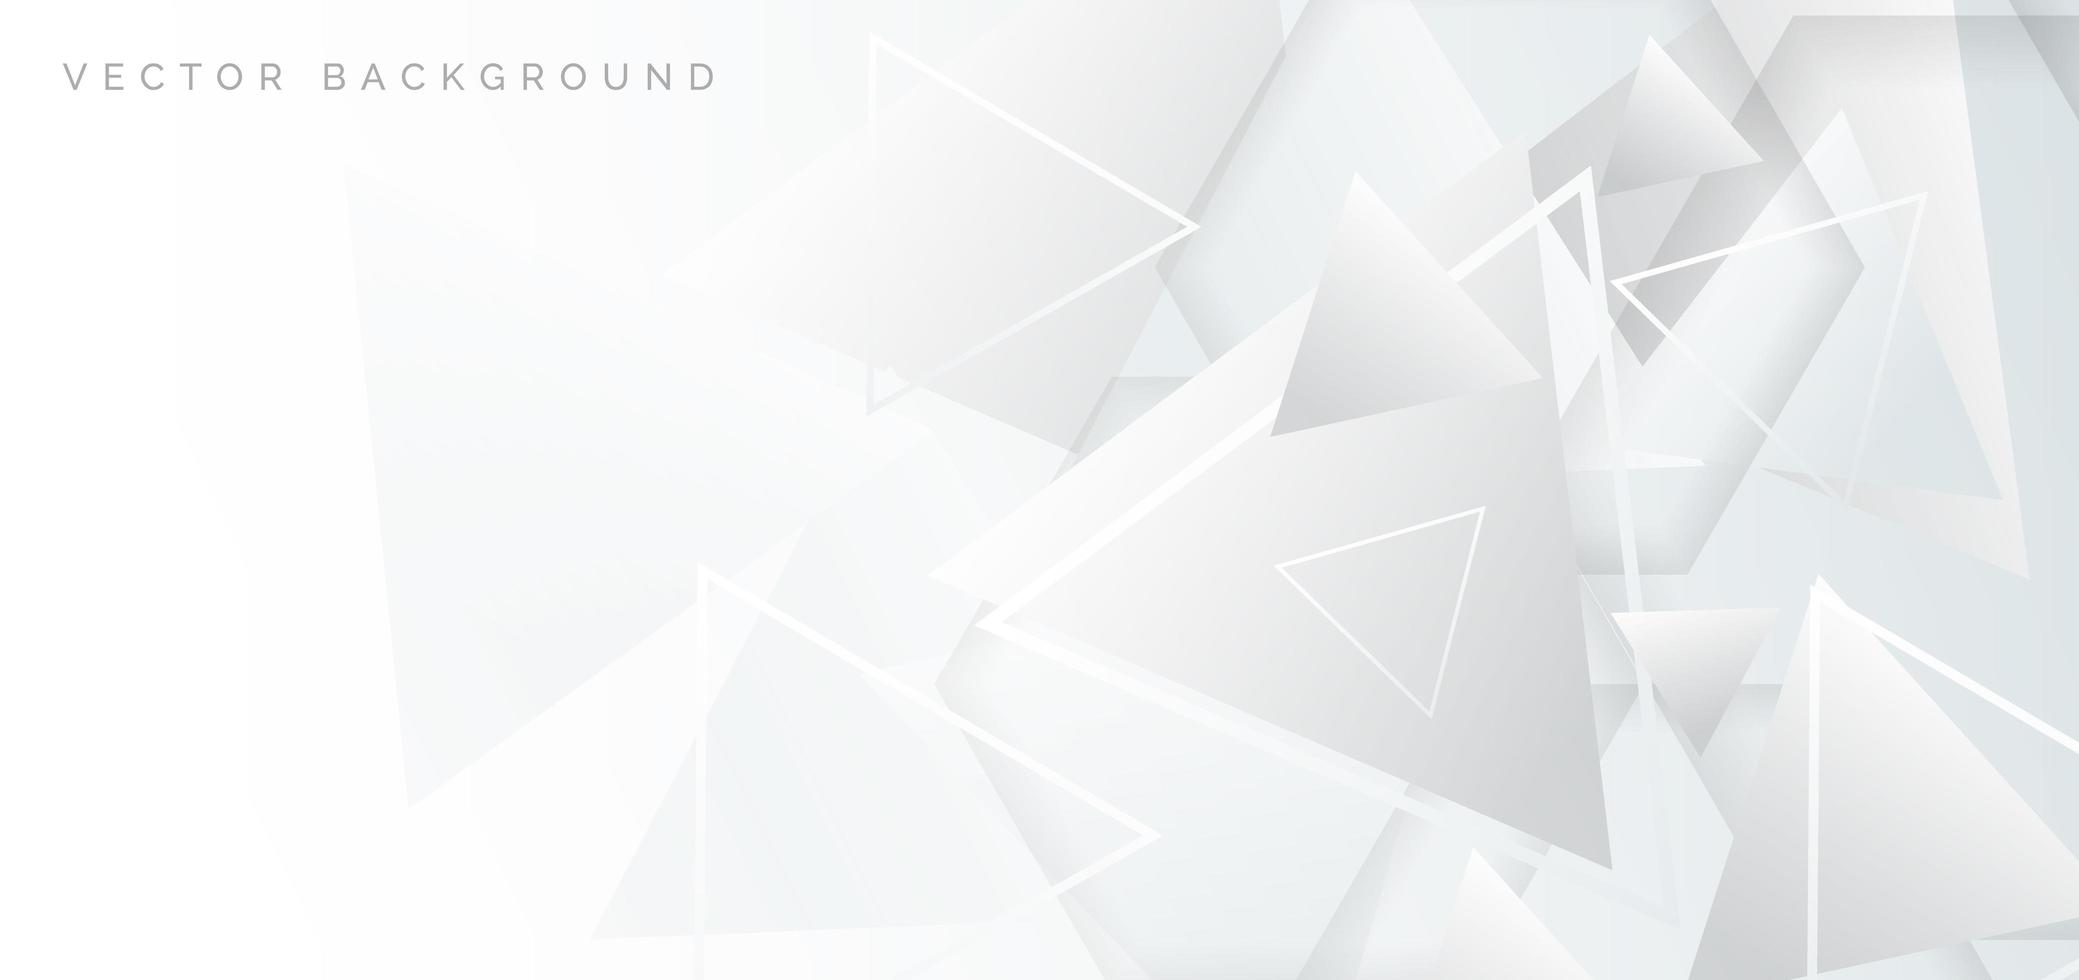 Banner abstracto con elementos geométricos blancos y grises. vector